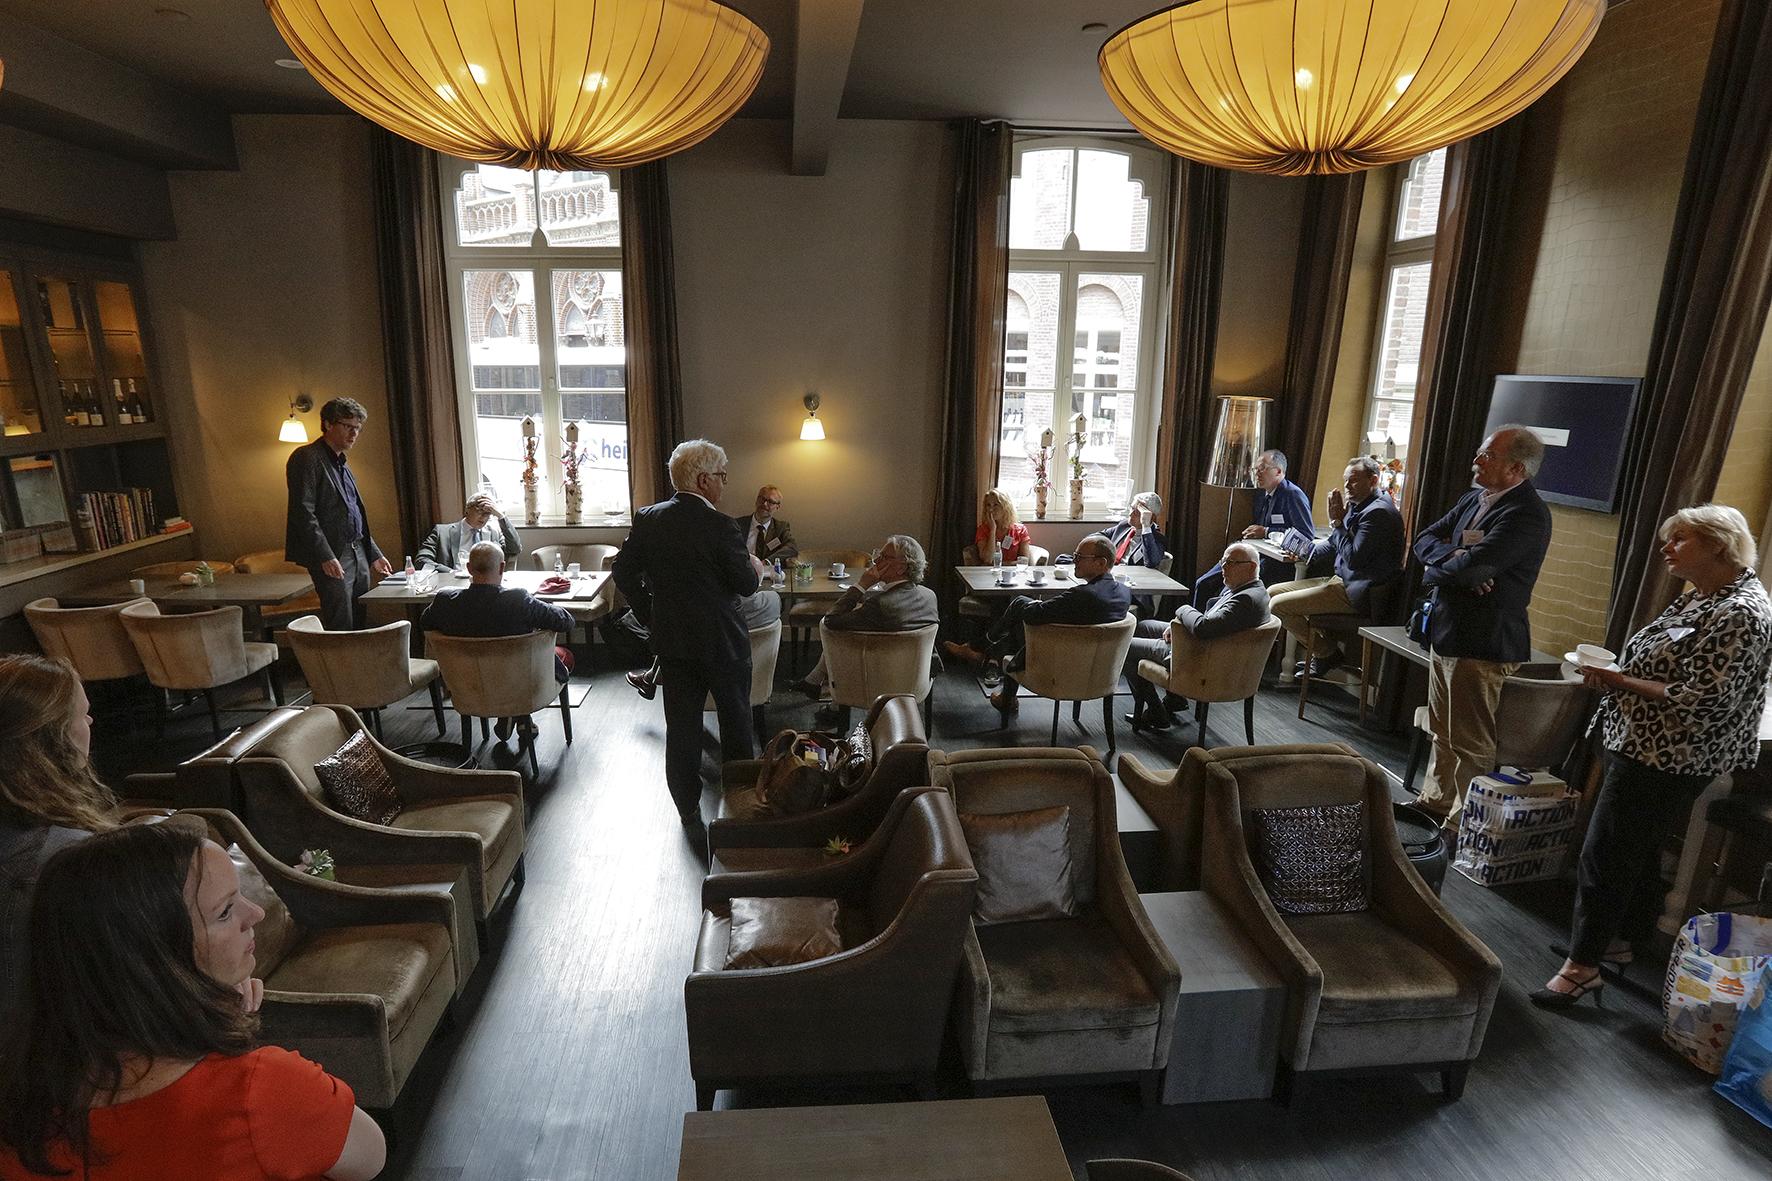 Burgemeesters excursie Sittard Stein (4)